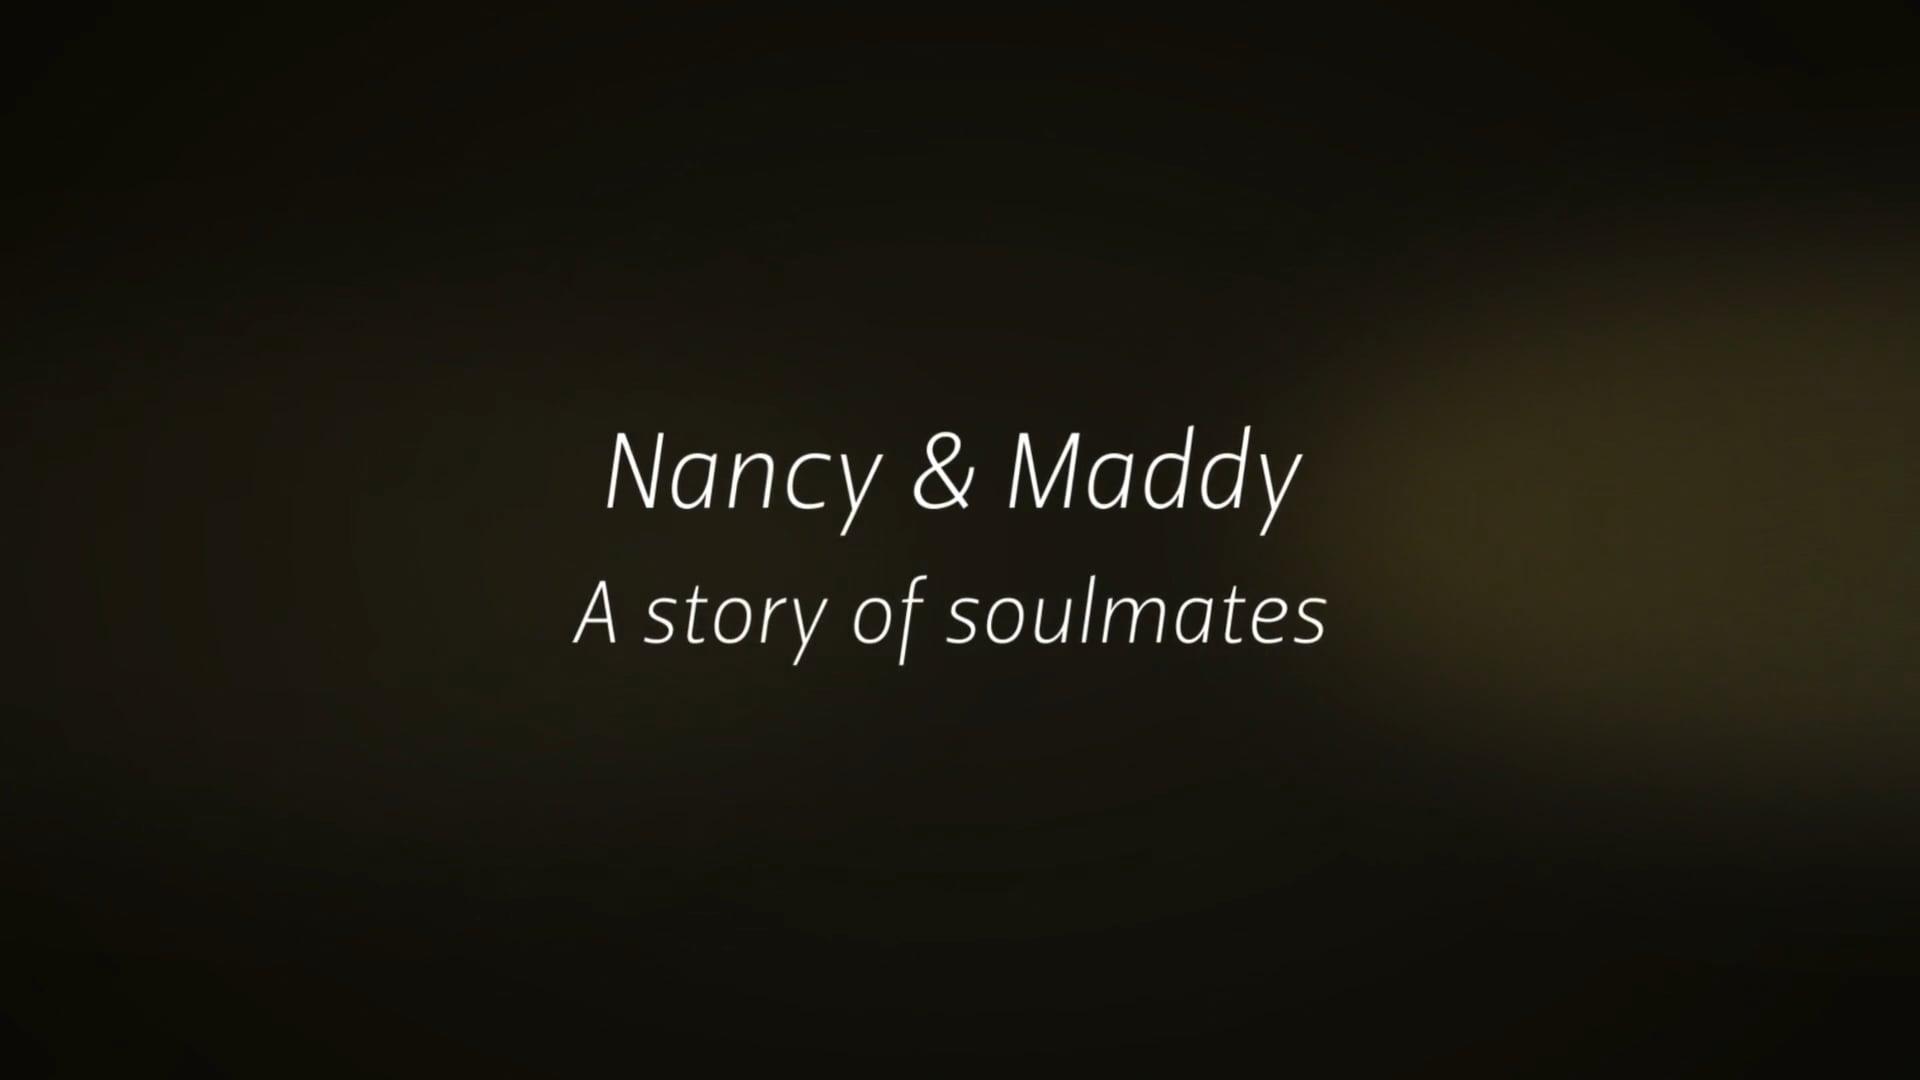 Nancy & Maddy - Soulmates